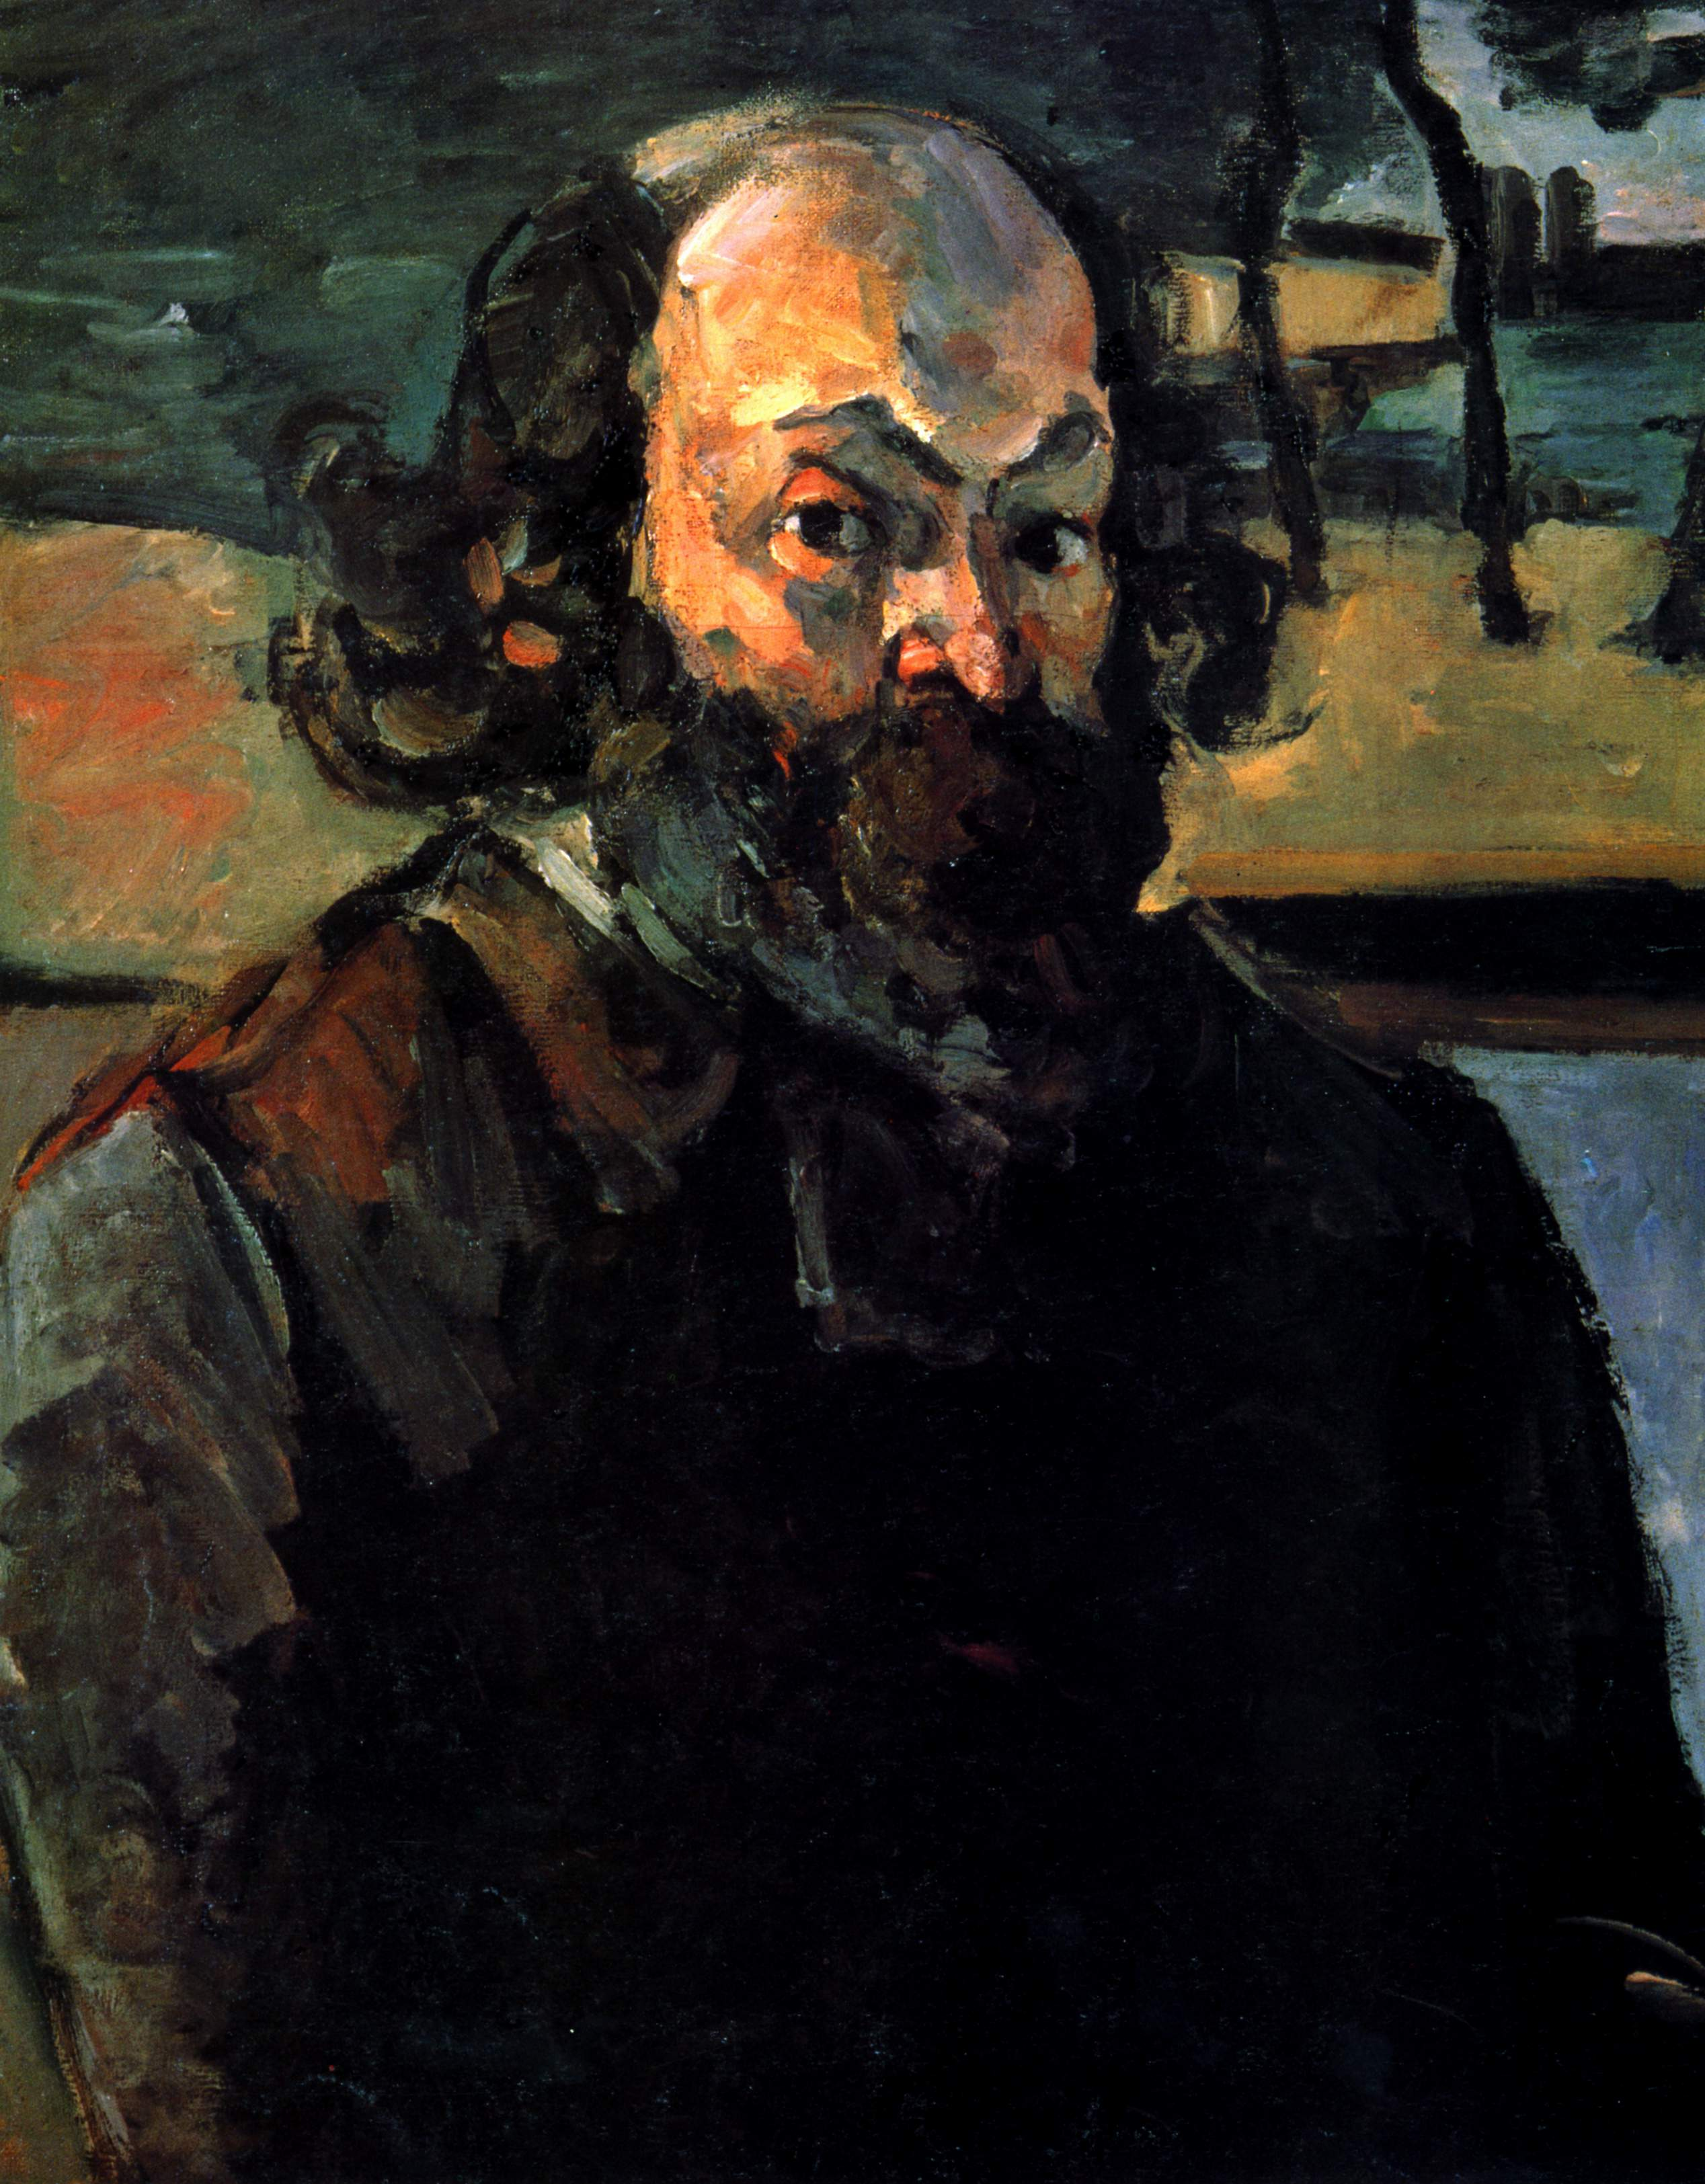 Portrait de l'artiste, par Paul Cézanne, FWN 434.jpg